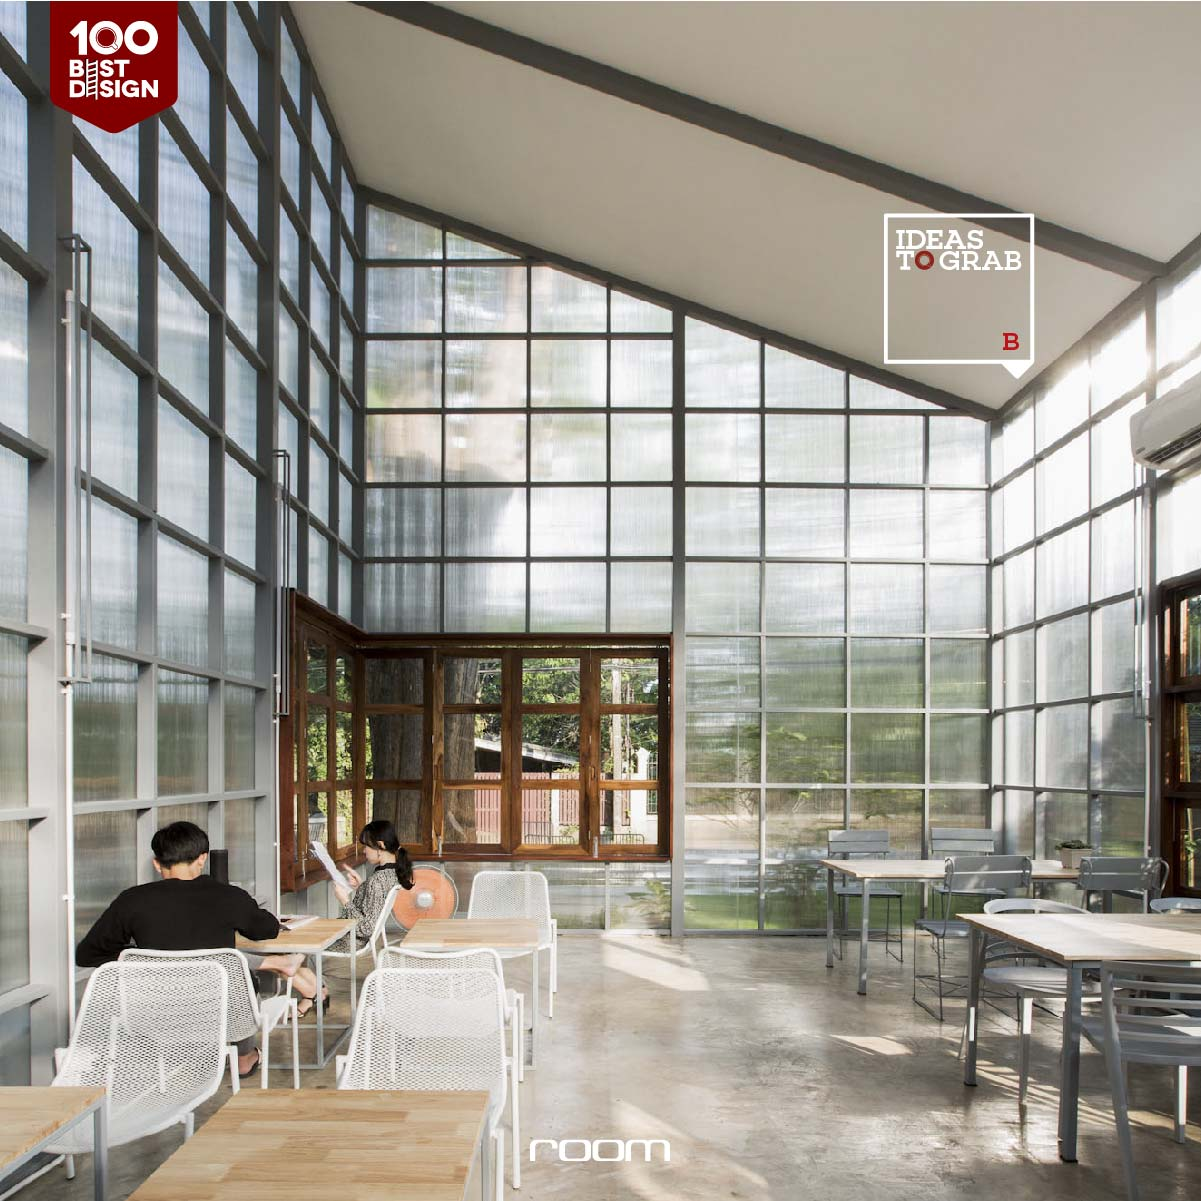 Eco friendly Cafe design idea